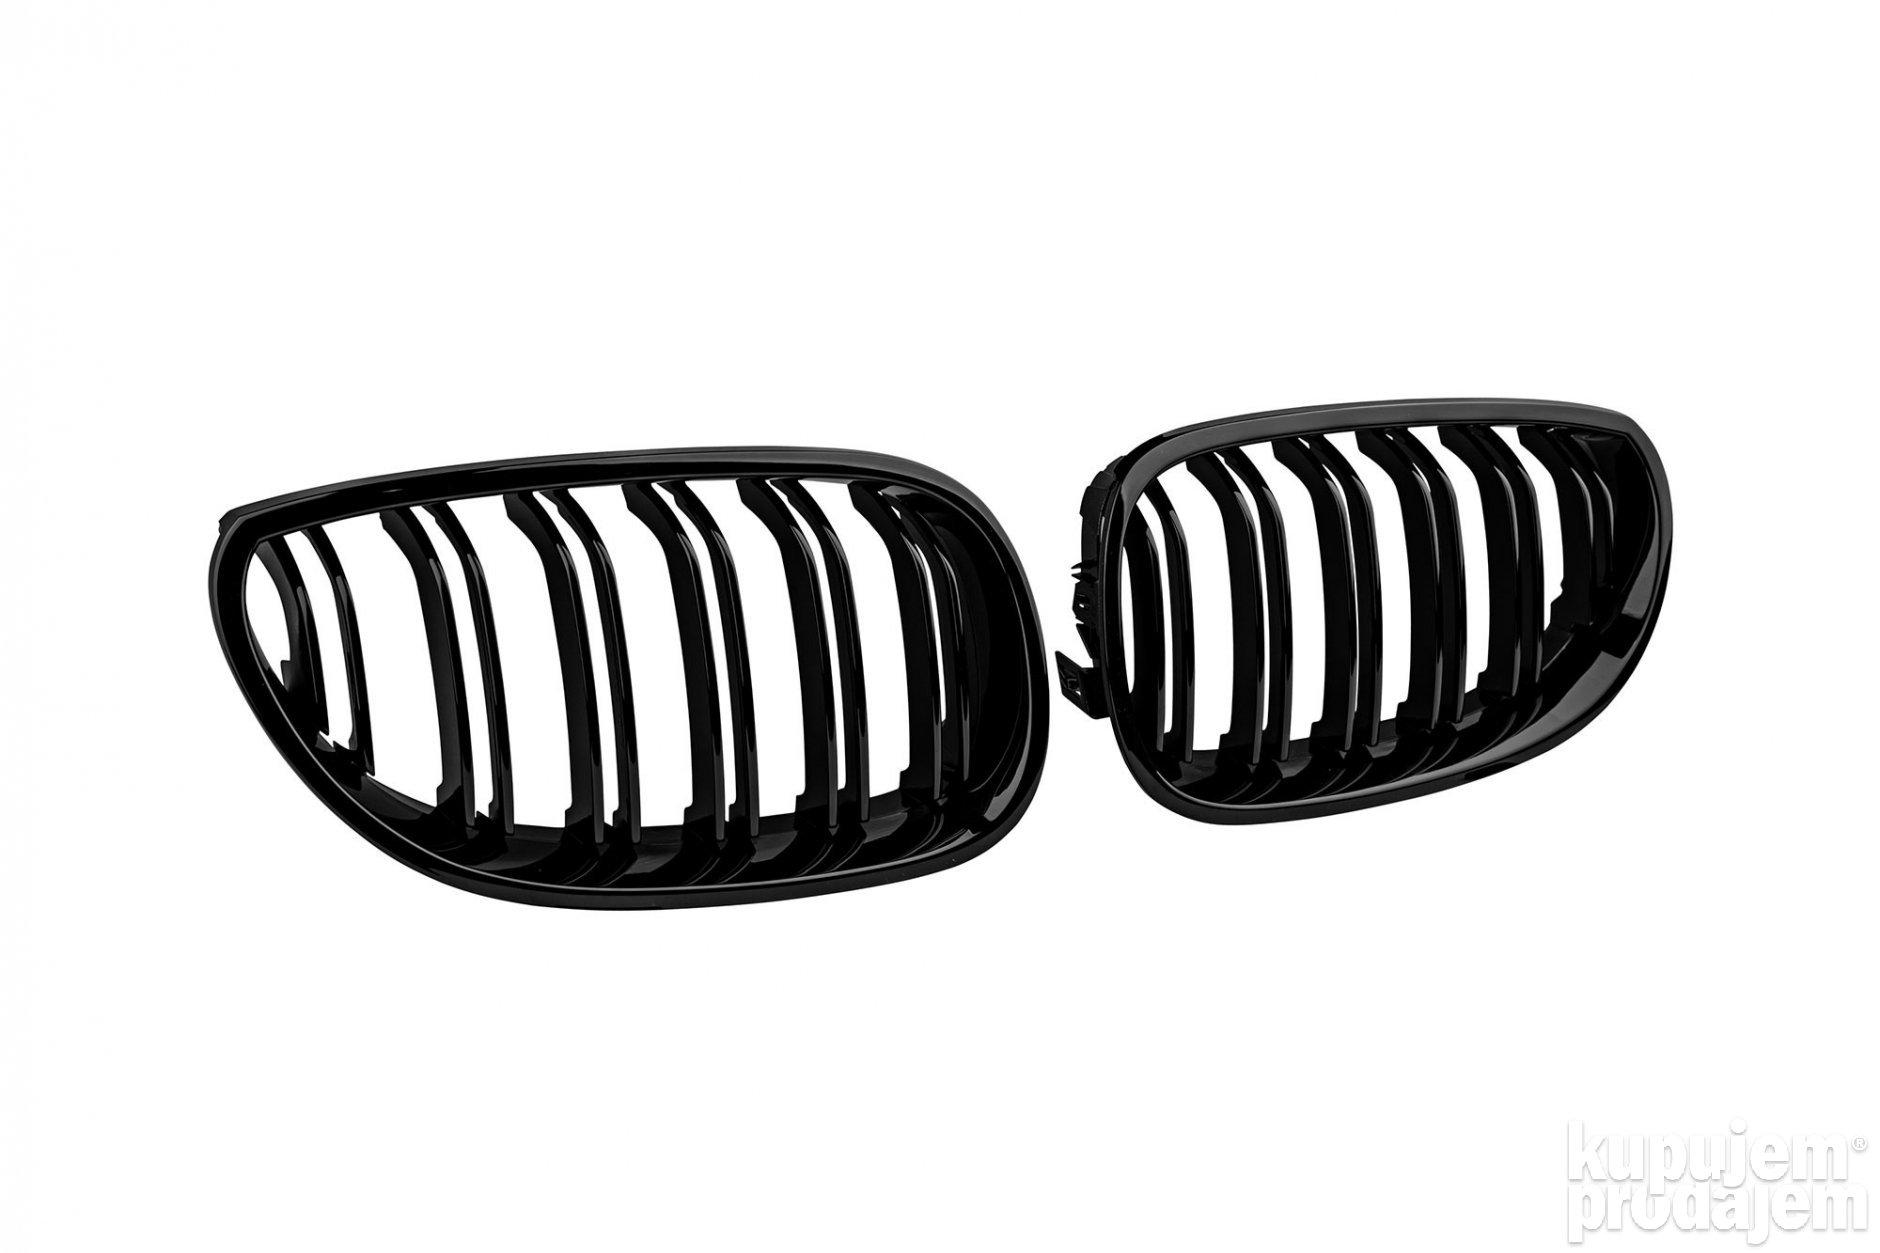 Automobili Oprema Prednja Resetka Maska Bmw E60 M Look 04 12 2020 Id 79337717 Kupujemprodajem